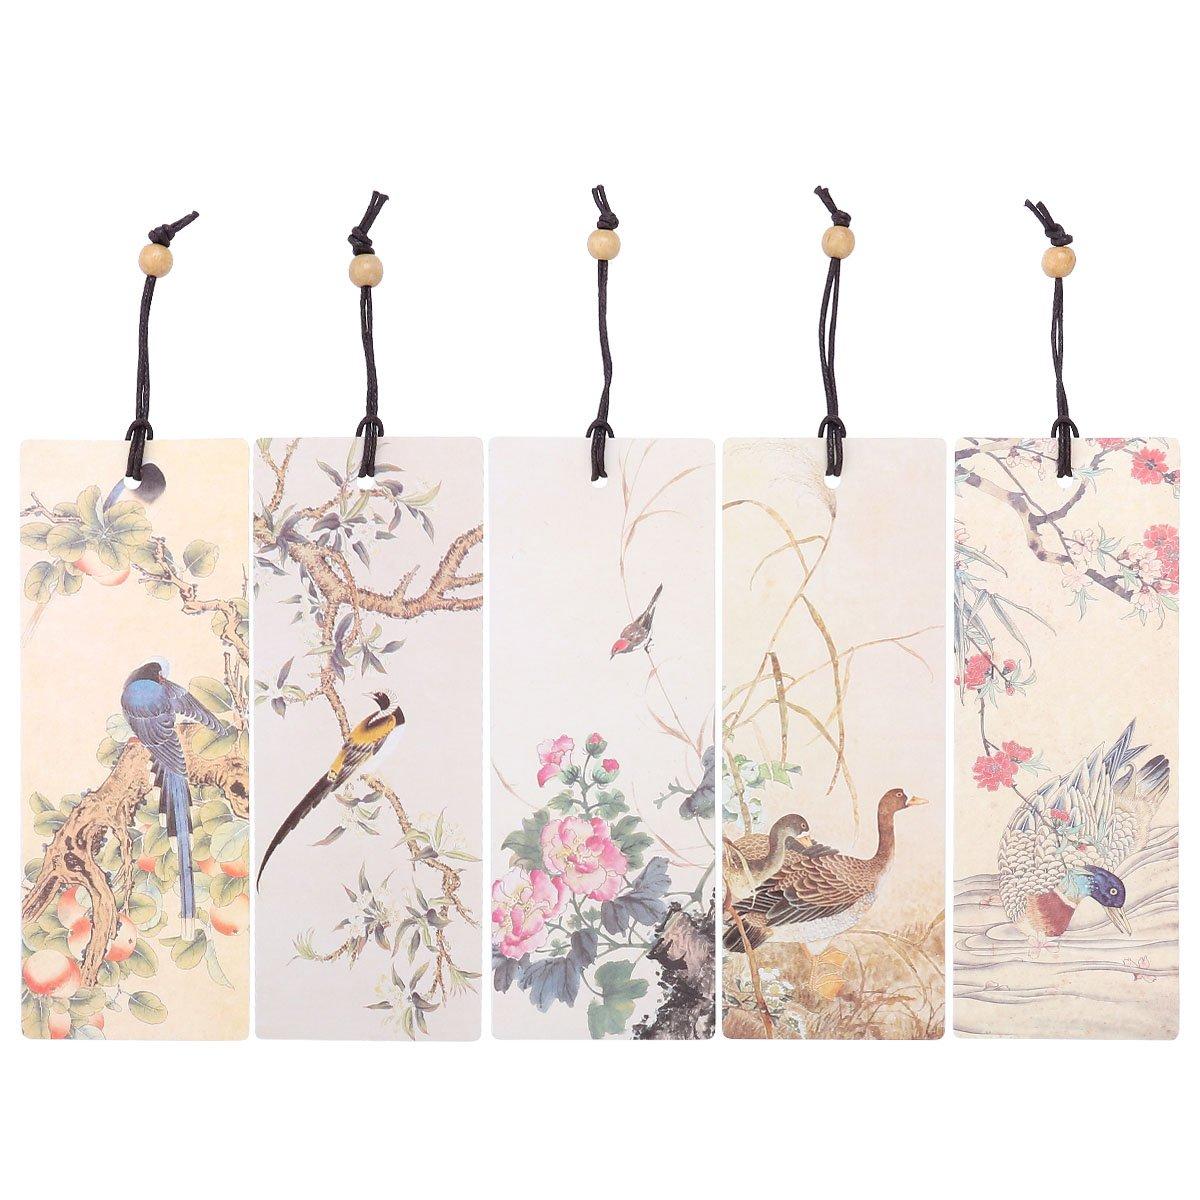 NUOLUX 5piezas cuentas marcador de pintura al óleo Bookmarkers página marcador de nota libro, Flower Bird Patterned, talla única